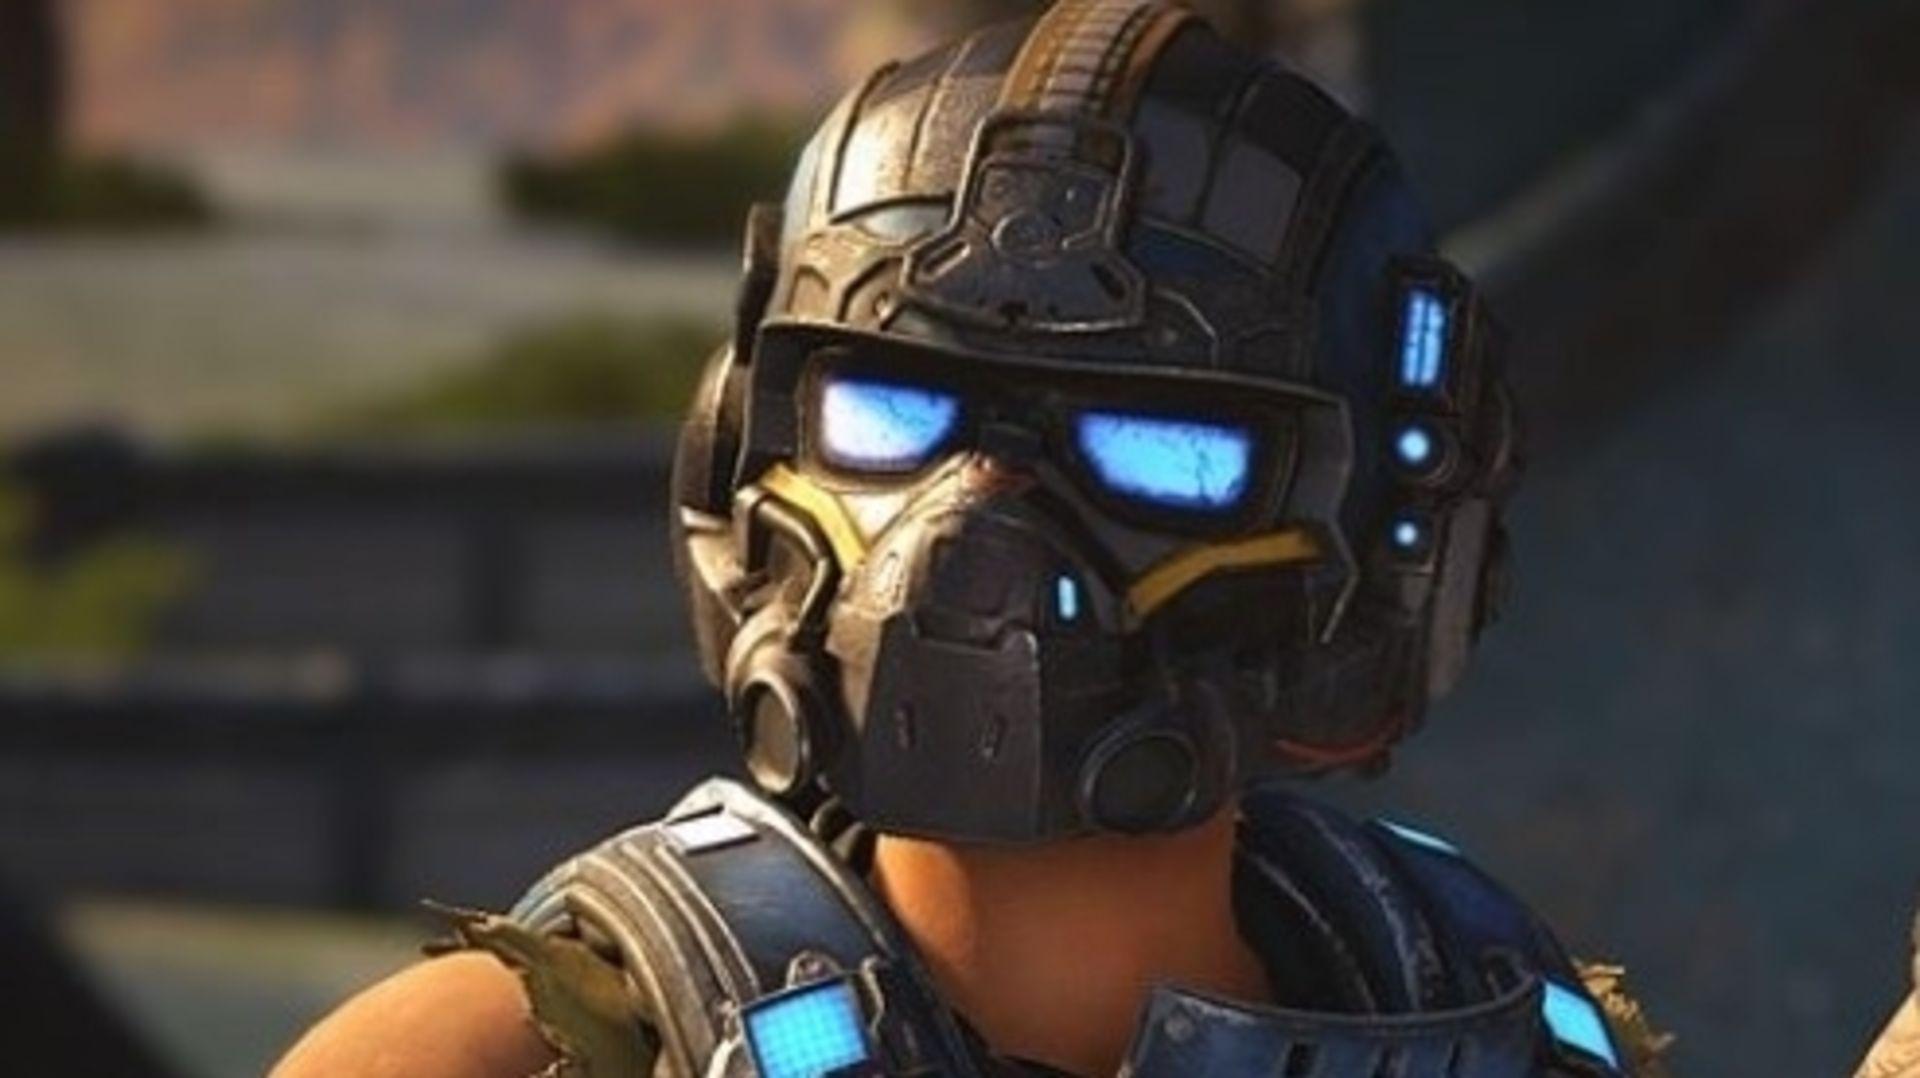 lizzie from gears of war 5